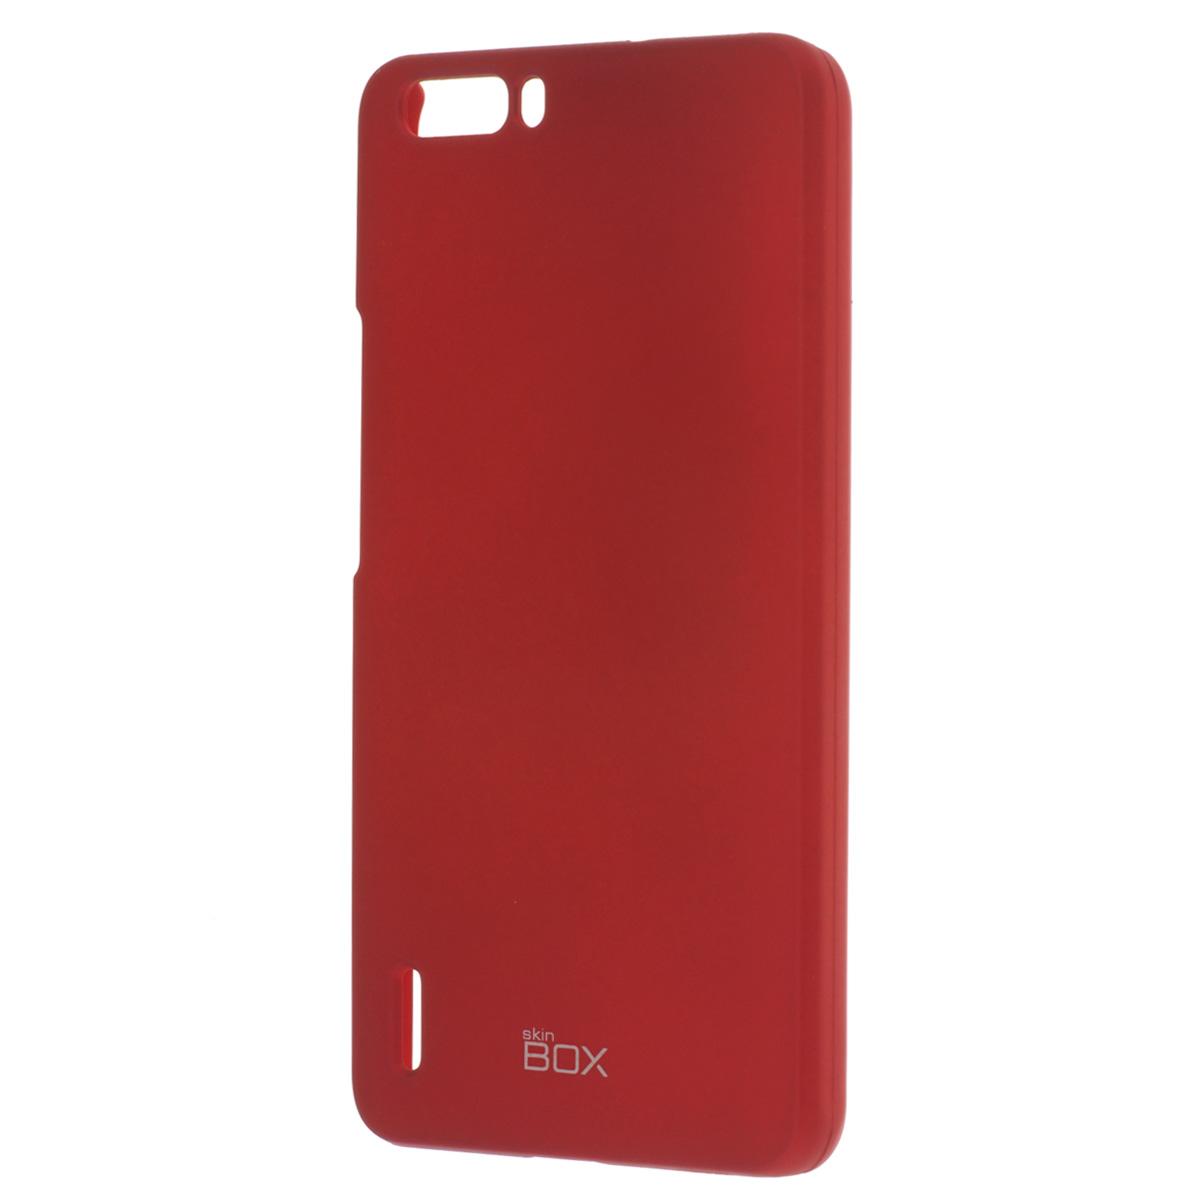 Skinbox Shield 4People чехол для Huawei Honor 6 Plus, RedT-S-HH6P-002Накладка Skinbox Shield 4People для Huawei Honor 6 Plus обеспечивает амортизацию удара при непредвиденном падении устройства, а также защитит его от пыли, отпечатков пальцев и царапин. Обеспечивает свободный доступ ко всем разъемам и клавишам устройства.